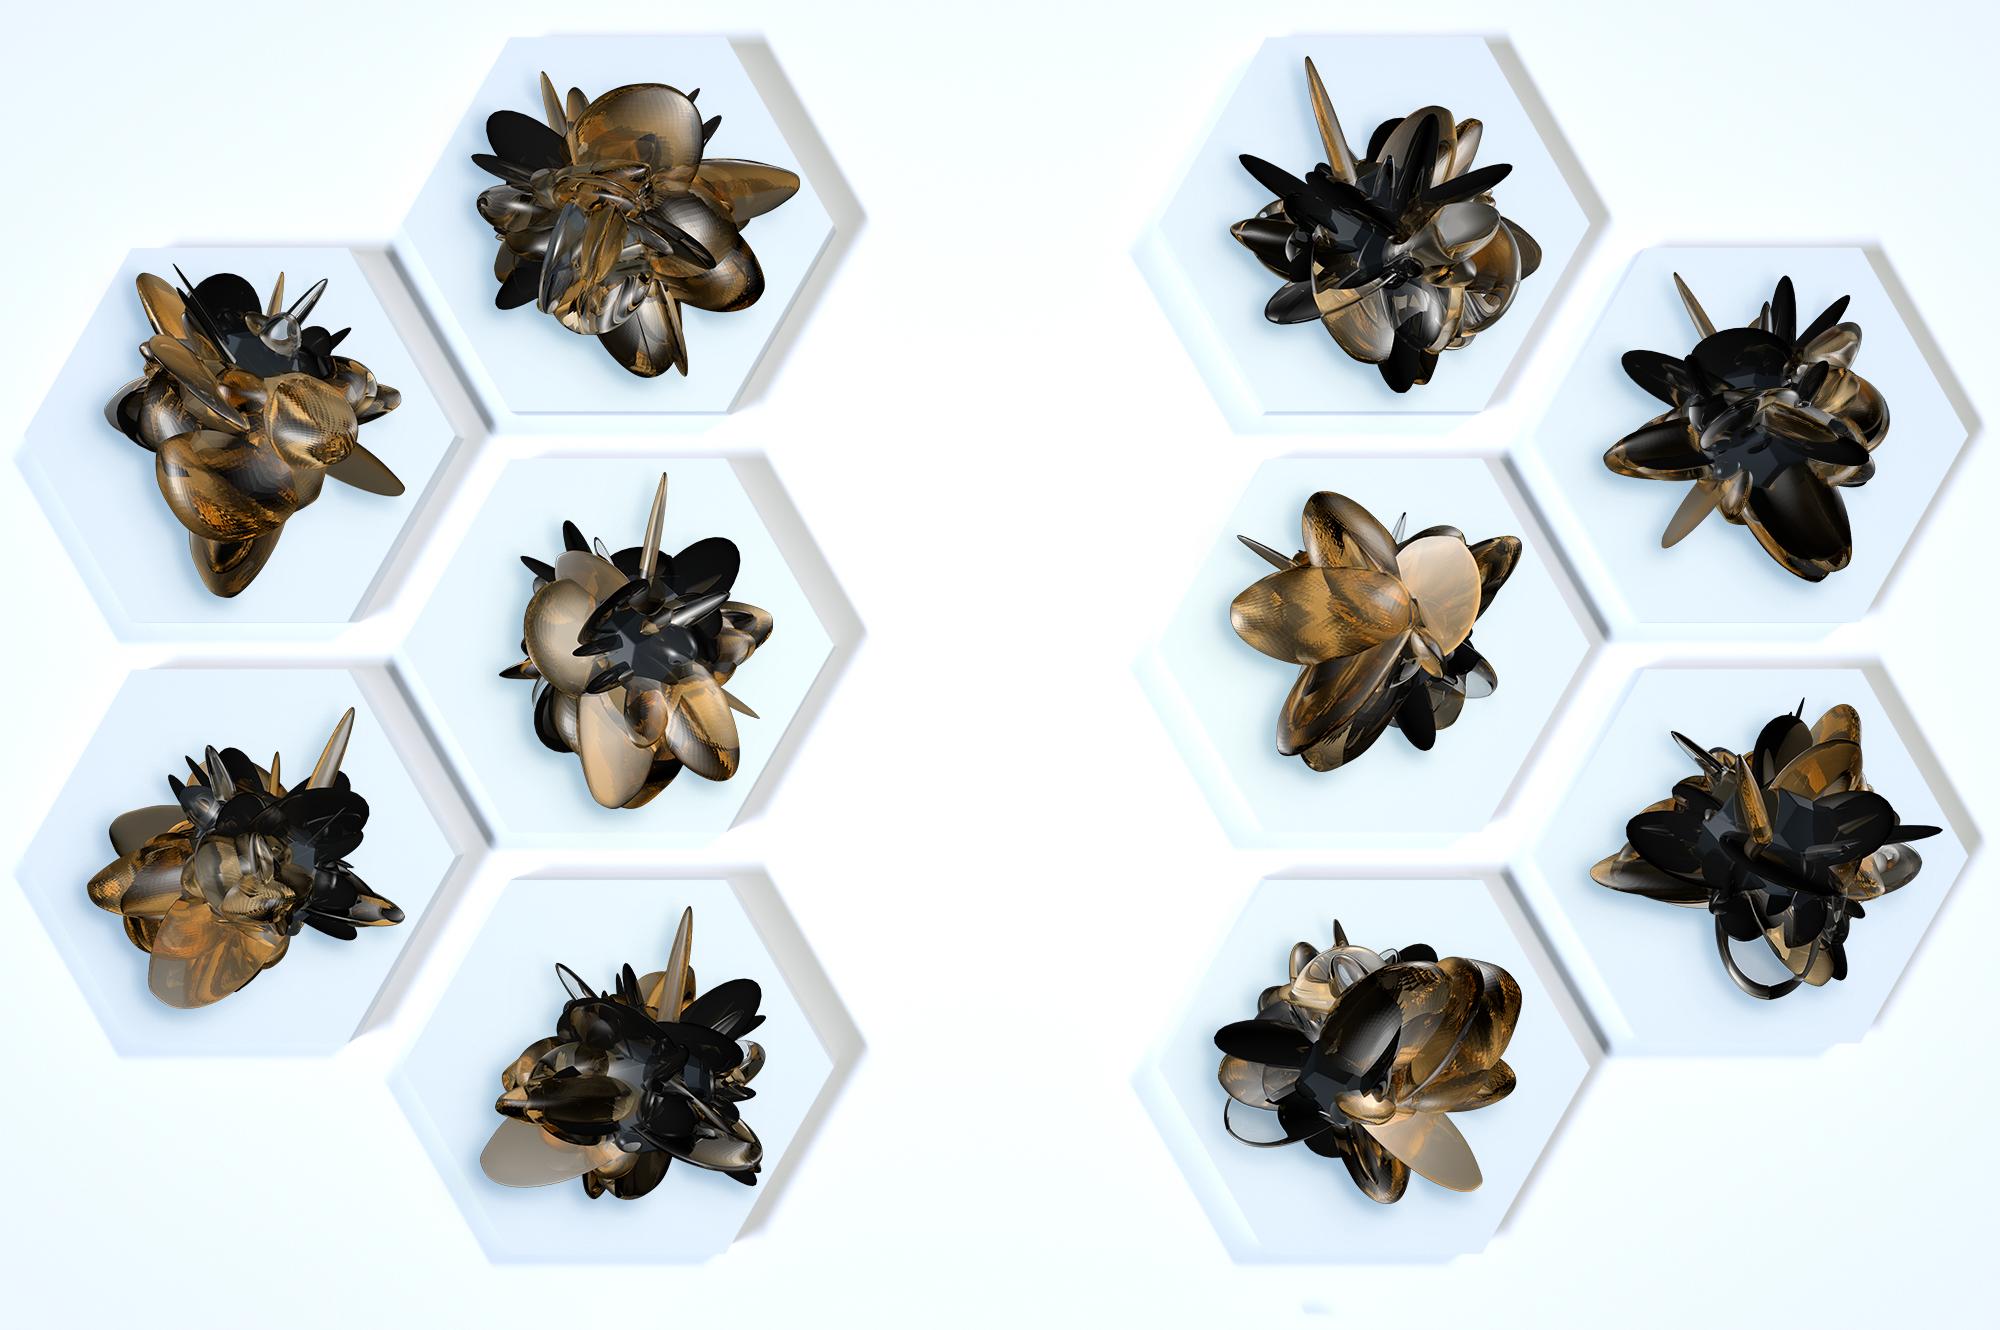 Crystal|Azbuka|Alphabet example image 27